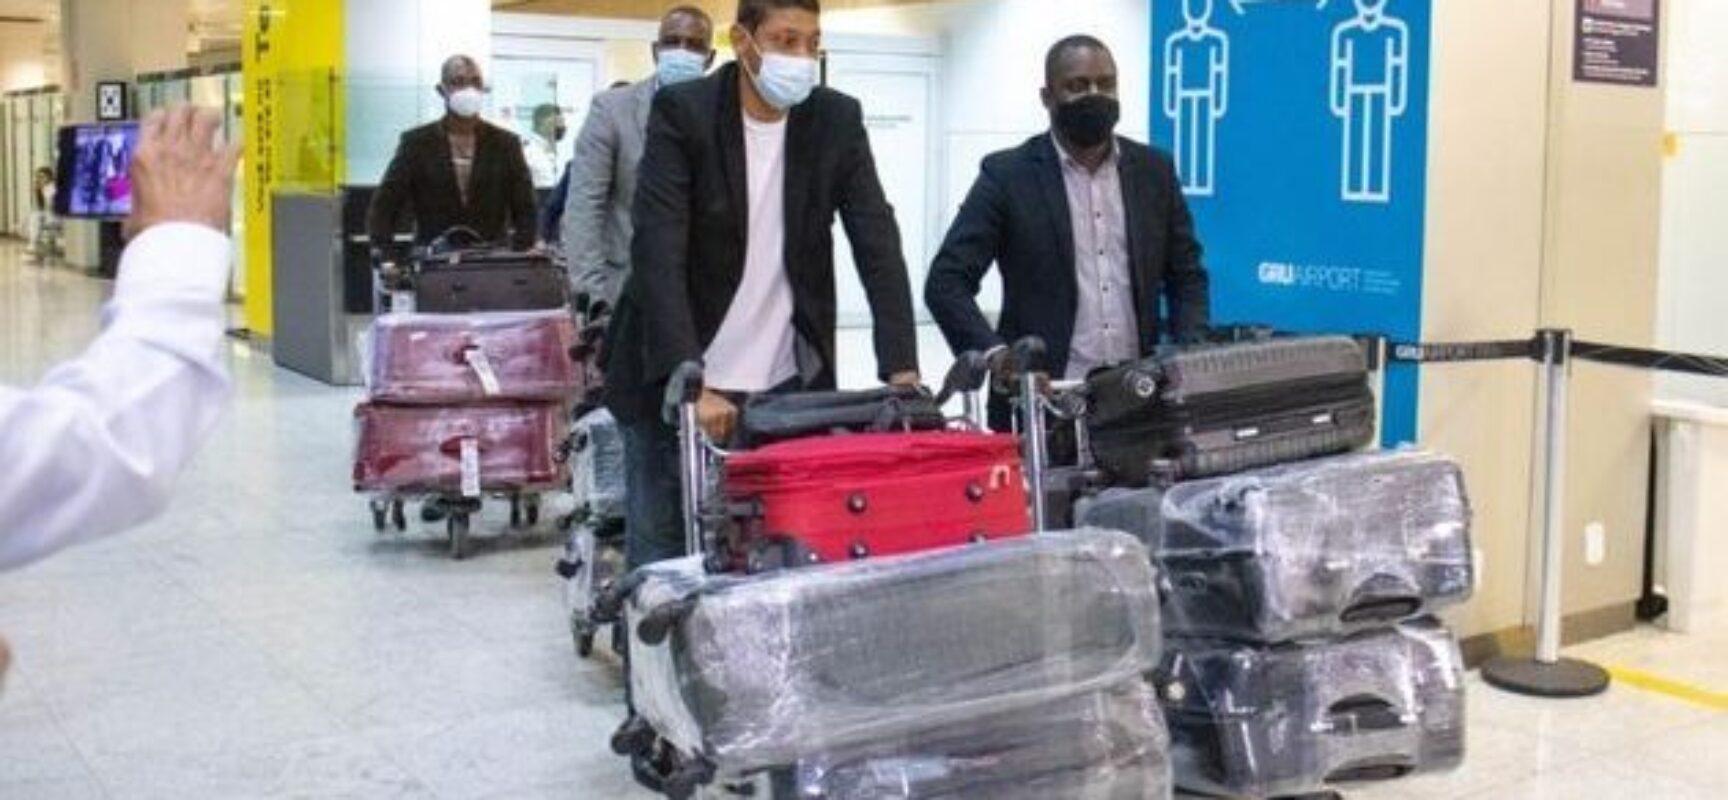 Senado convoca embaixador de Angola para explicar deportação de missionários brasileiros